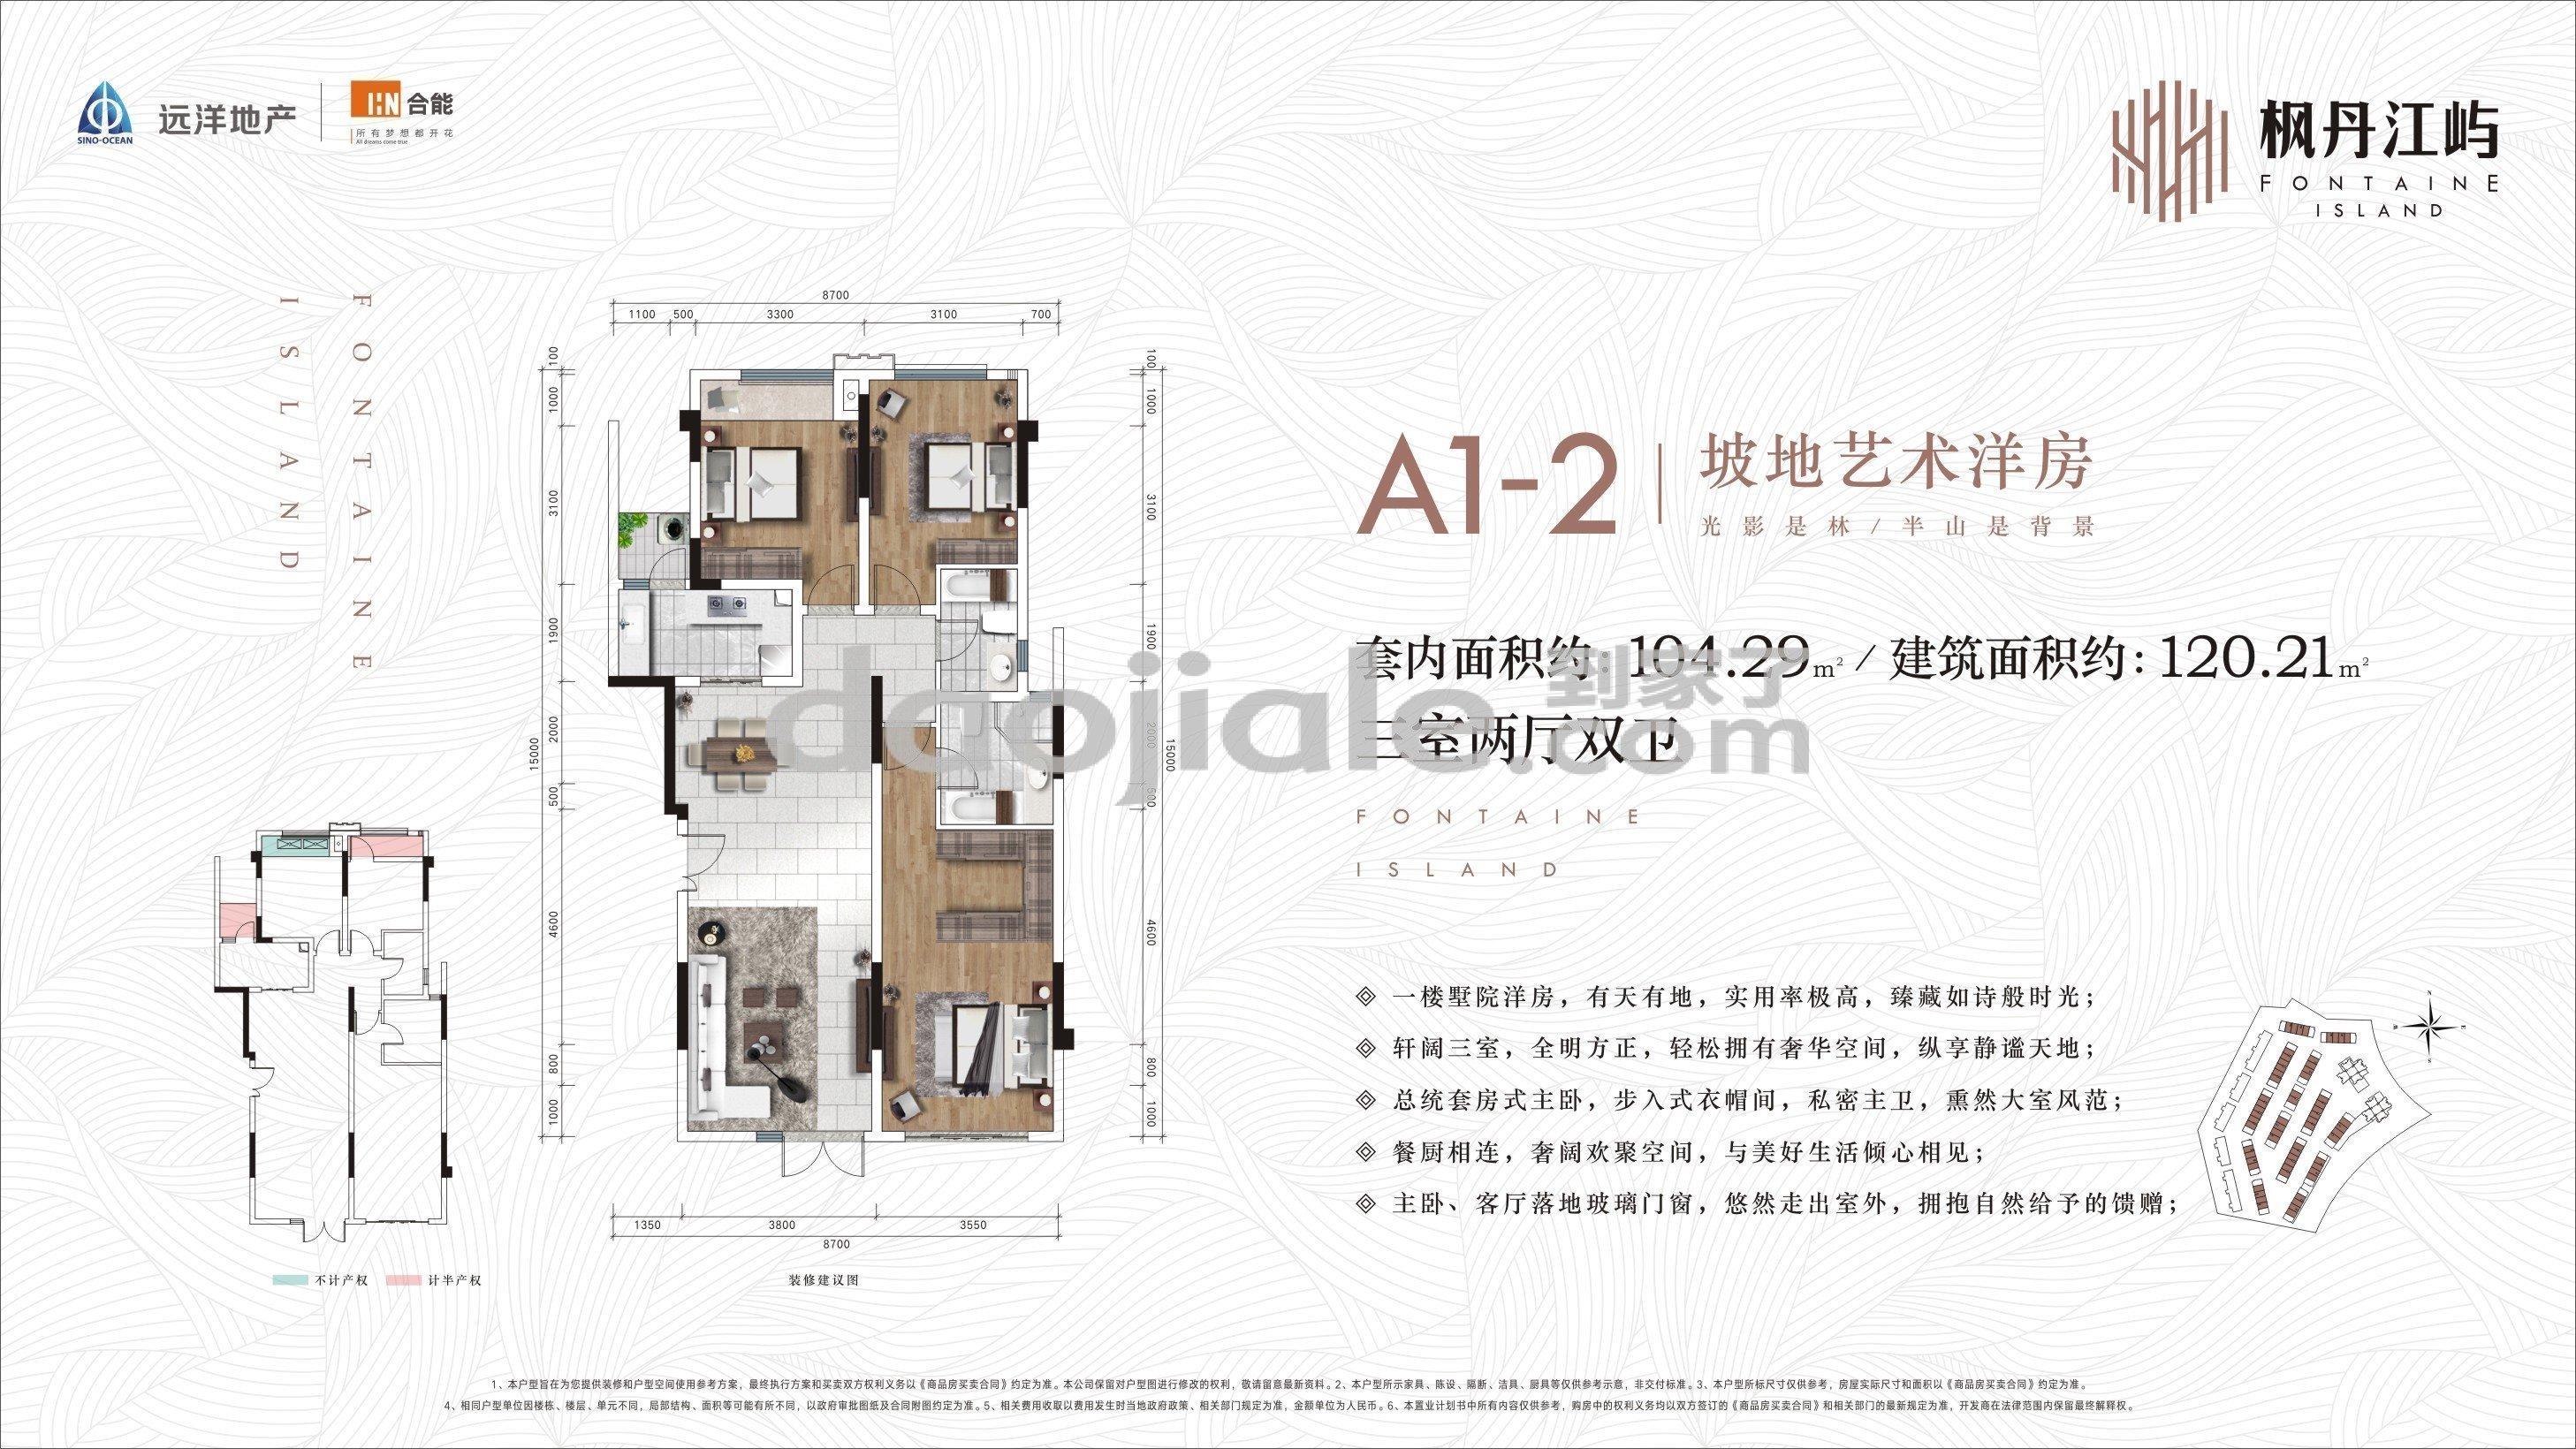 南岸区茶园新区远洋合能枫丹江屿新房A1-2户型图